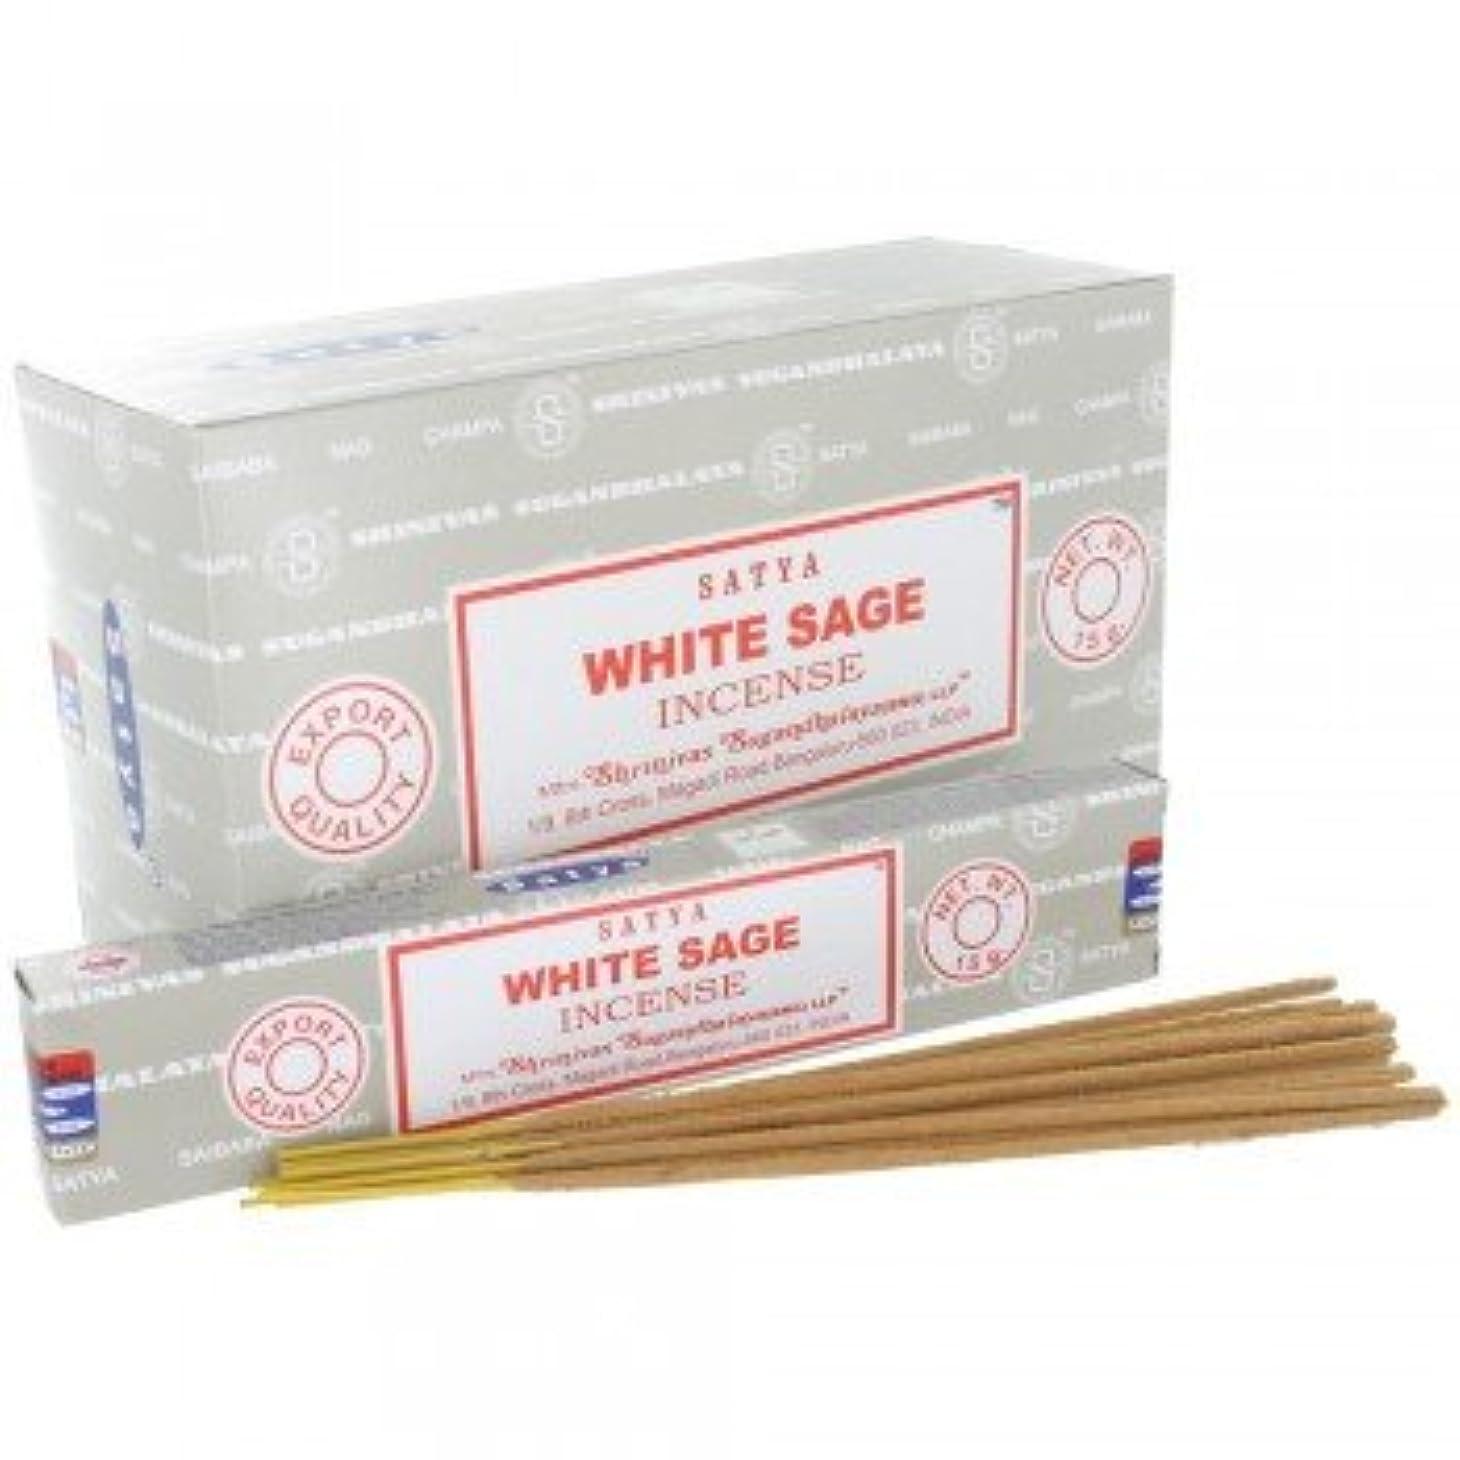 最大化する篭落とし穴SATYA WHITE SAGE ホワイトセージ 聖なる樹 浄化 お香 スティック 約15g入 (1個) [並行輸入品]